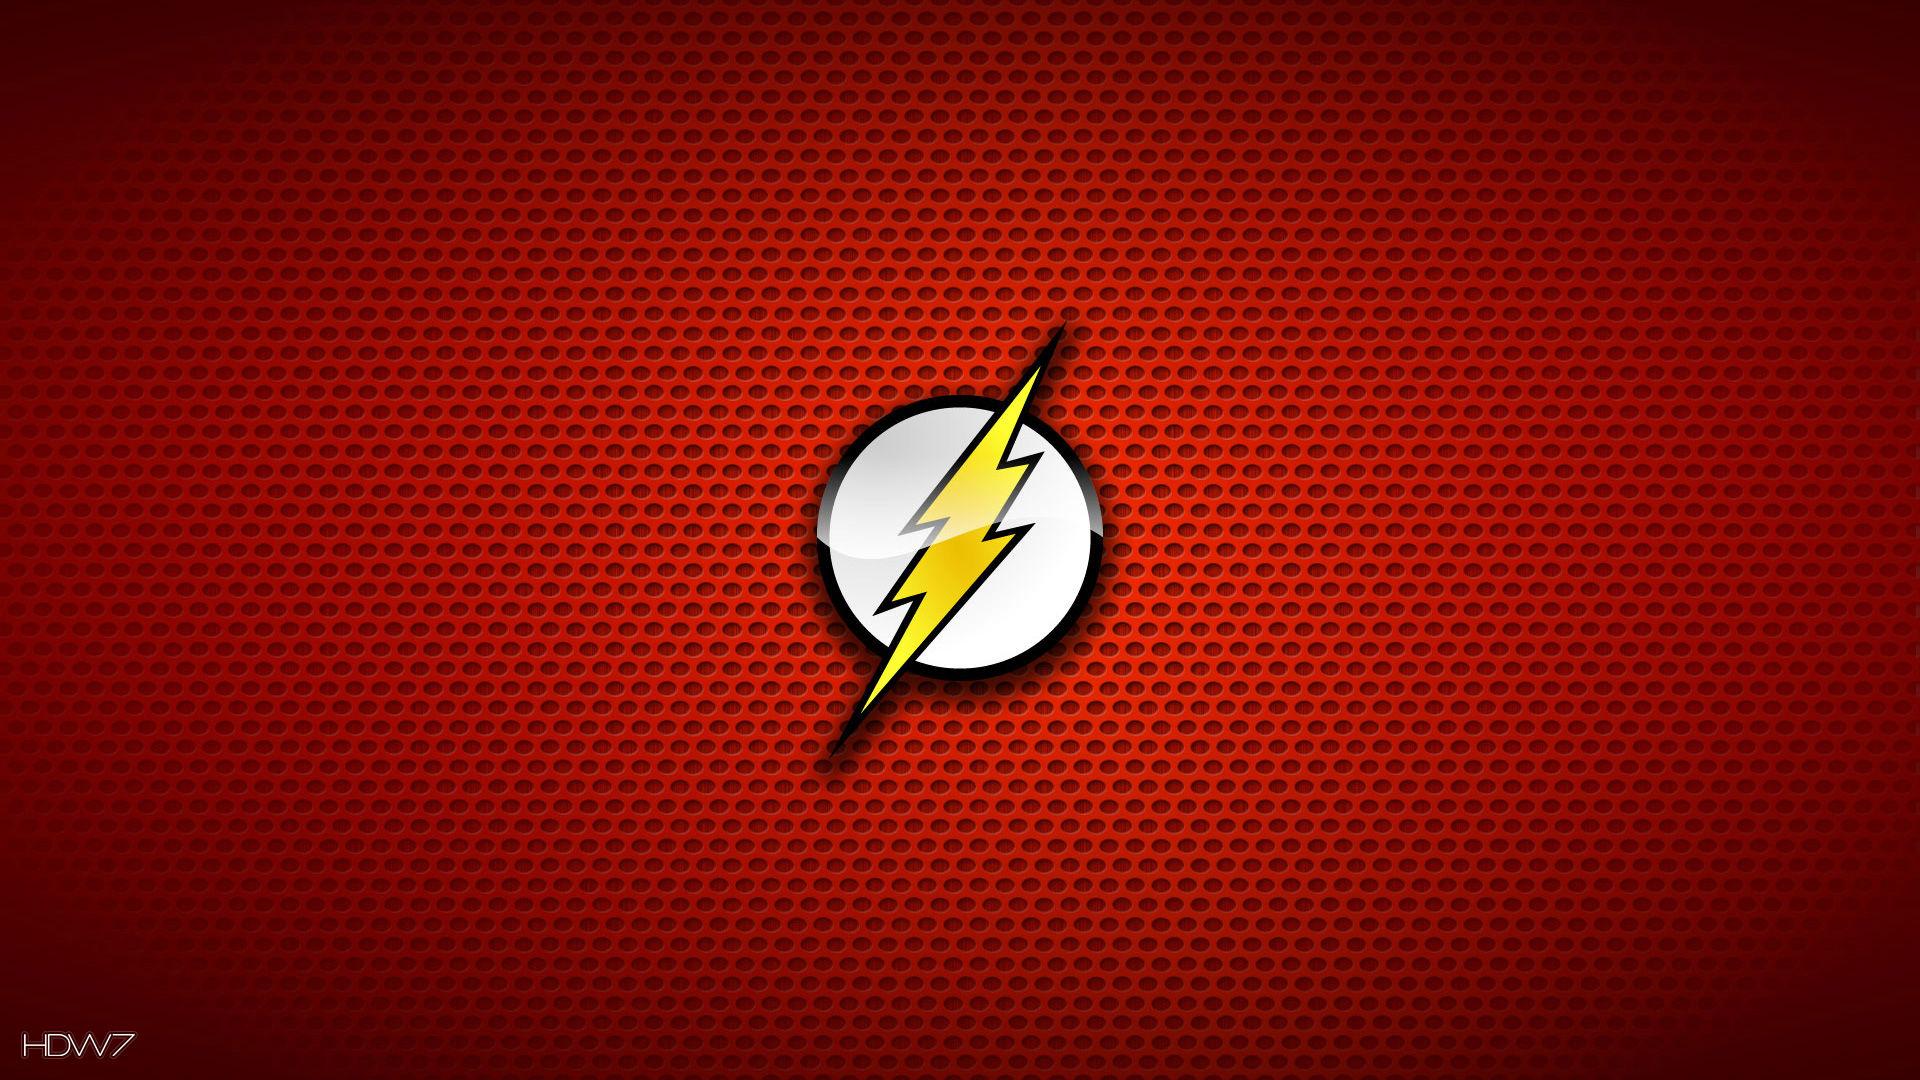 The Flash Logo Wallpaper Wallpapersafari